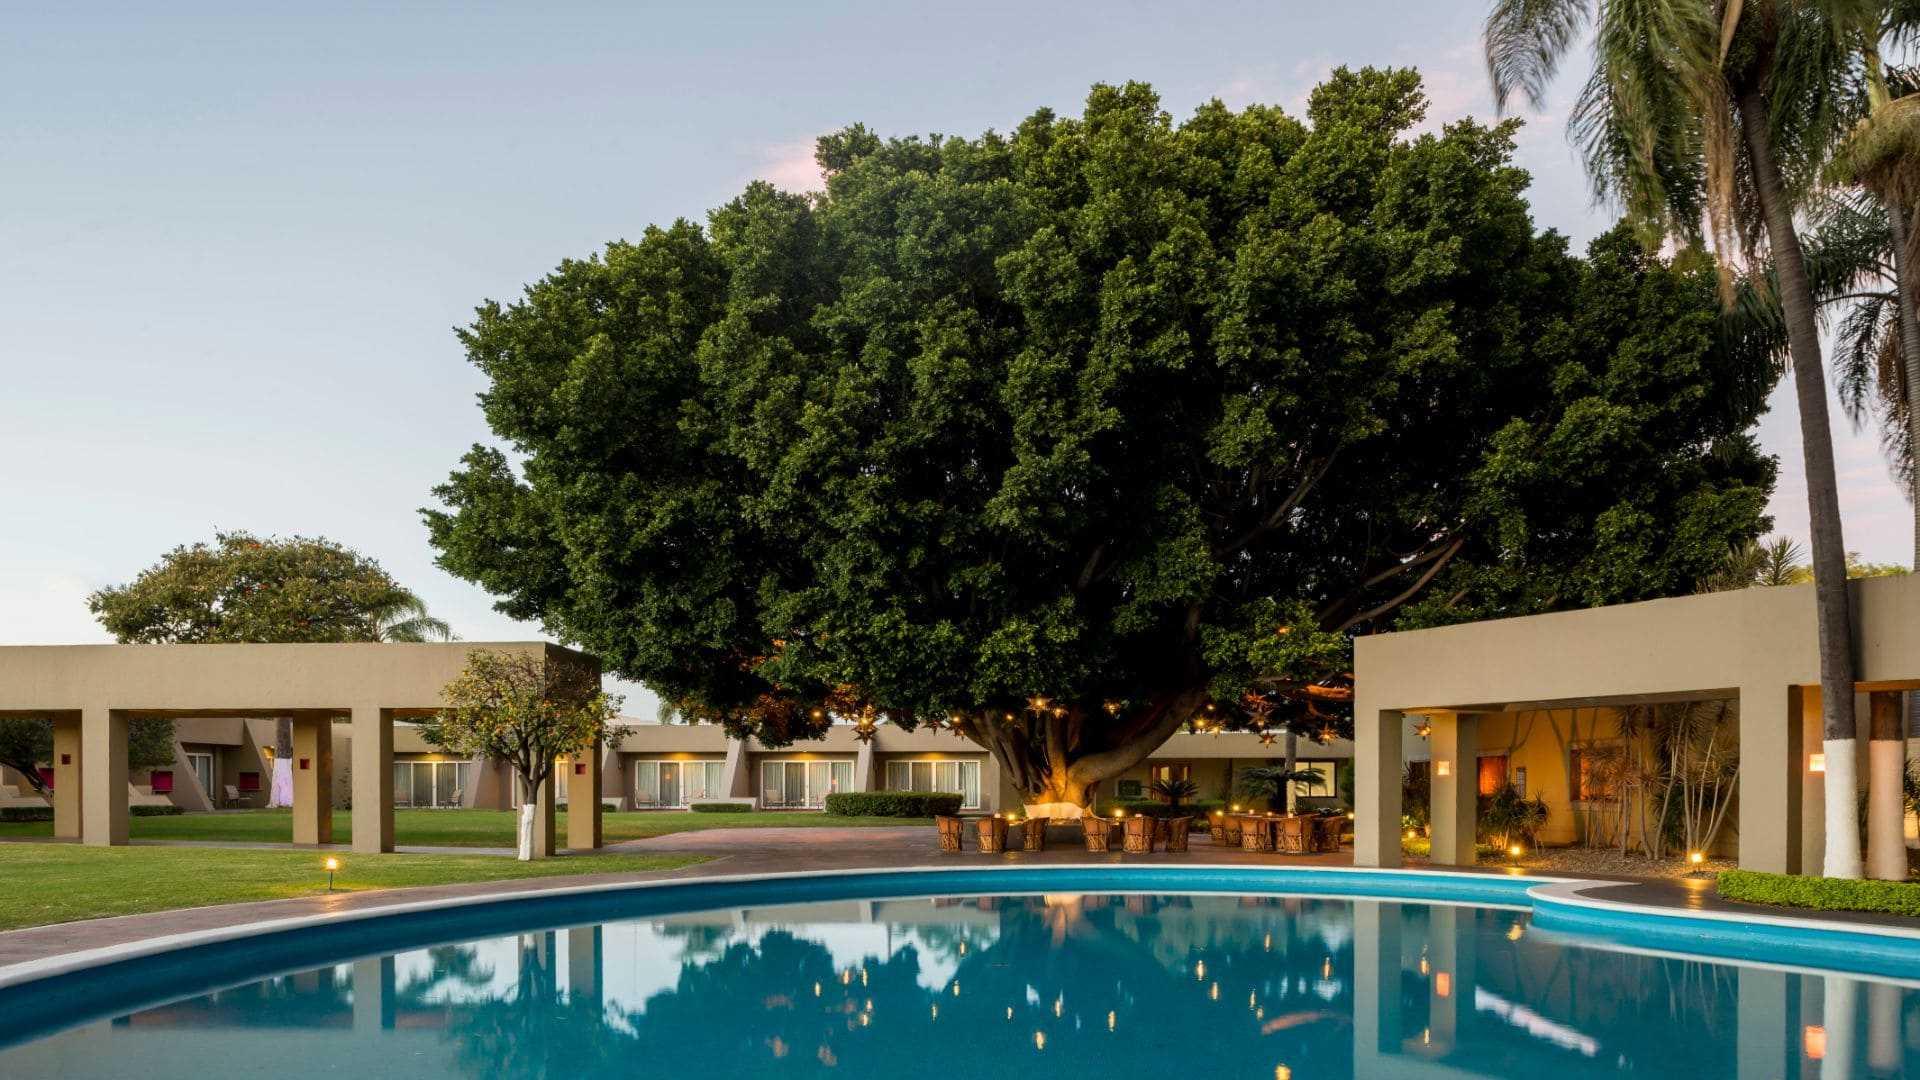 Camino Real Guadalajara - best hotels restaurant in guadalajara mexico